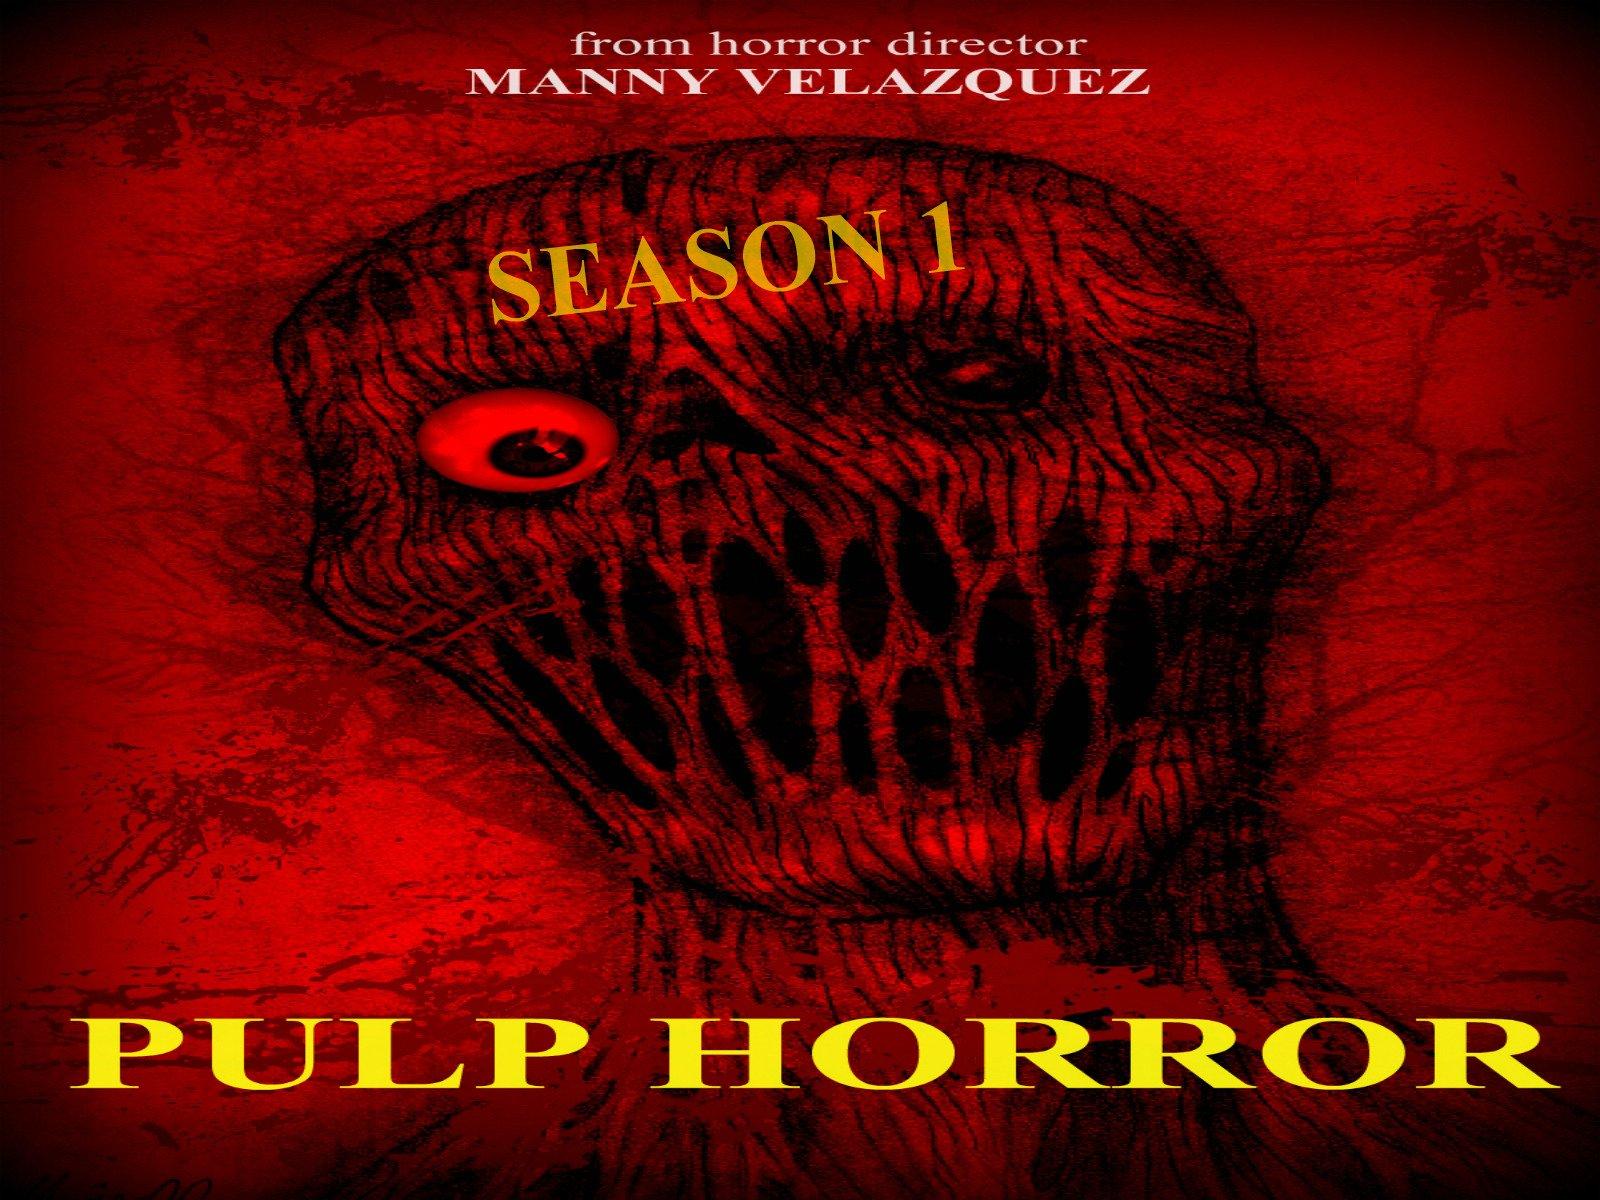 Pulp Horror